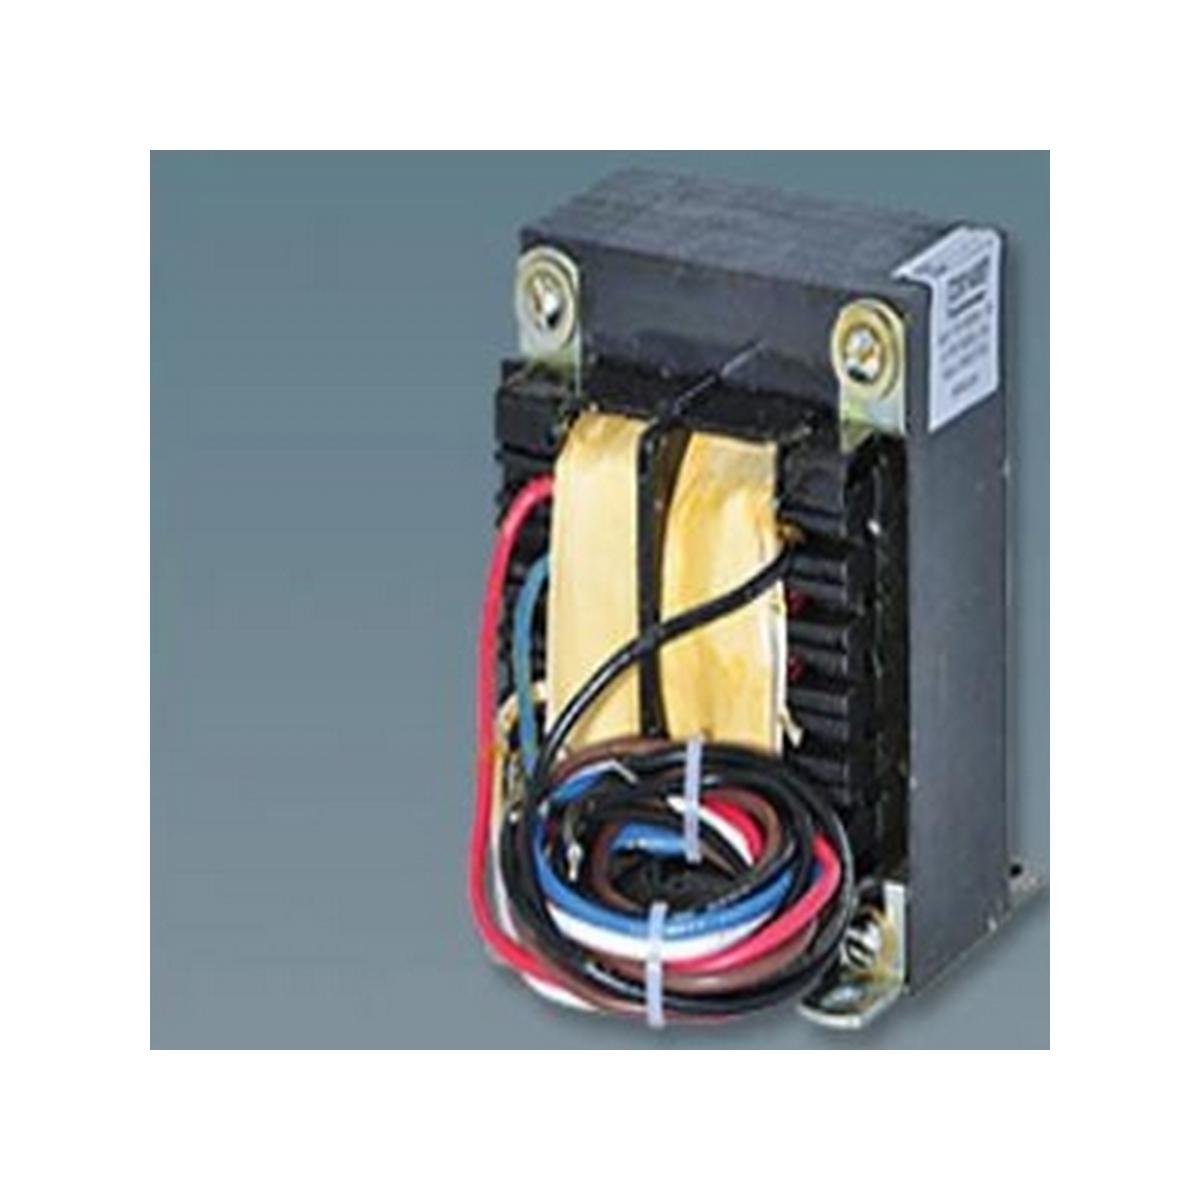 New Altronix T2428175C Open Frame Transformer w//Enclosure 24VAC 175VA 7.25 Amp